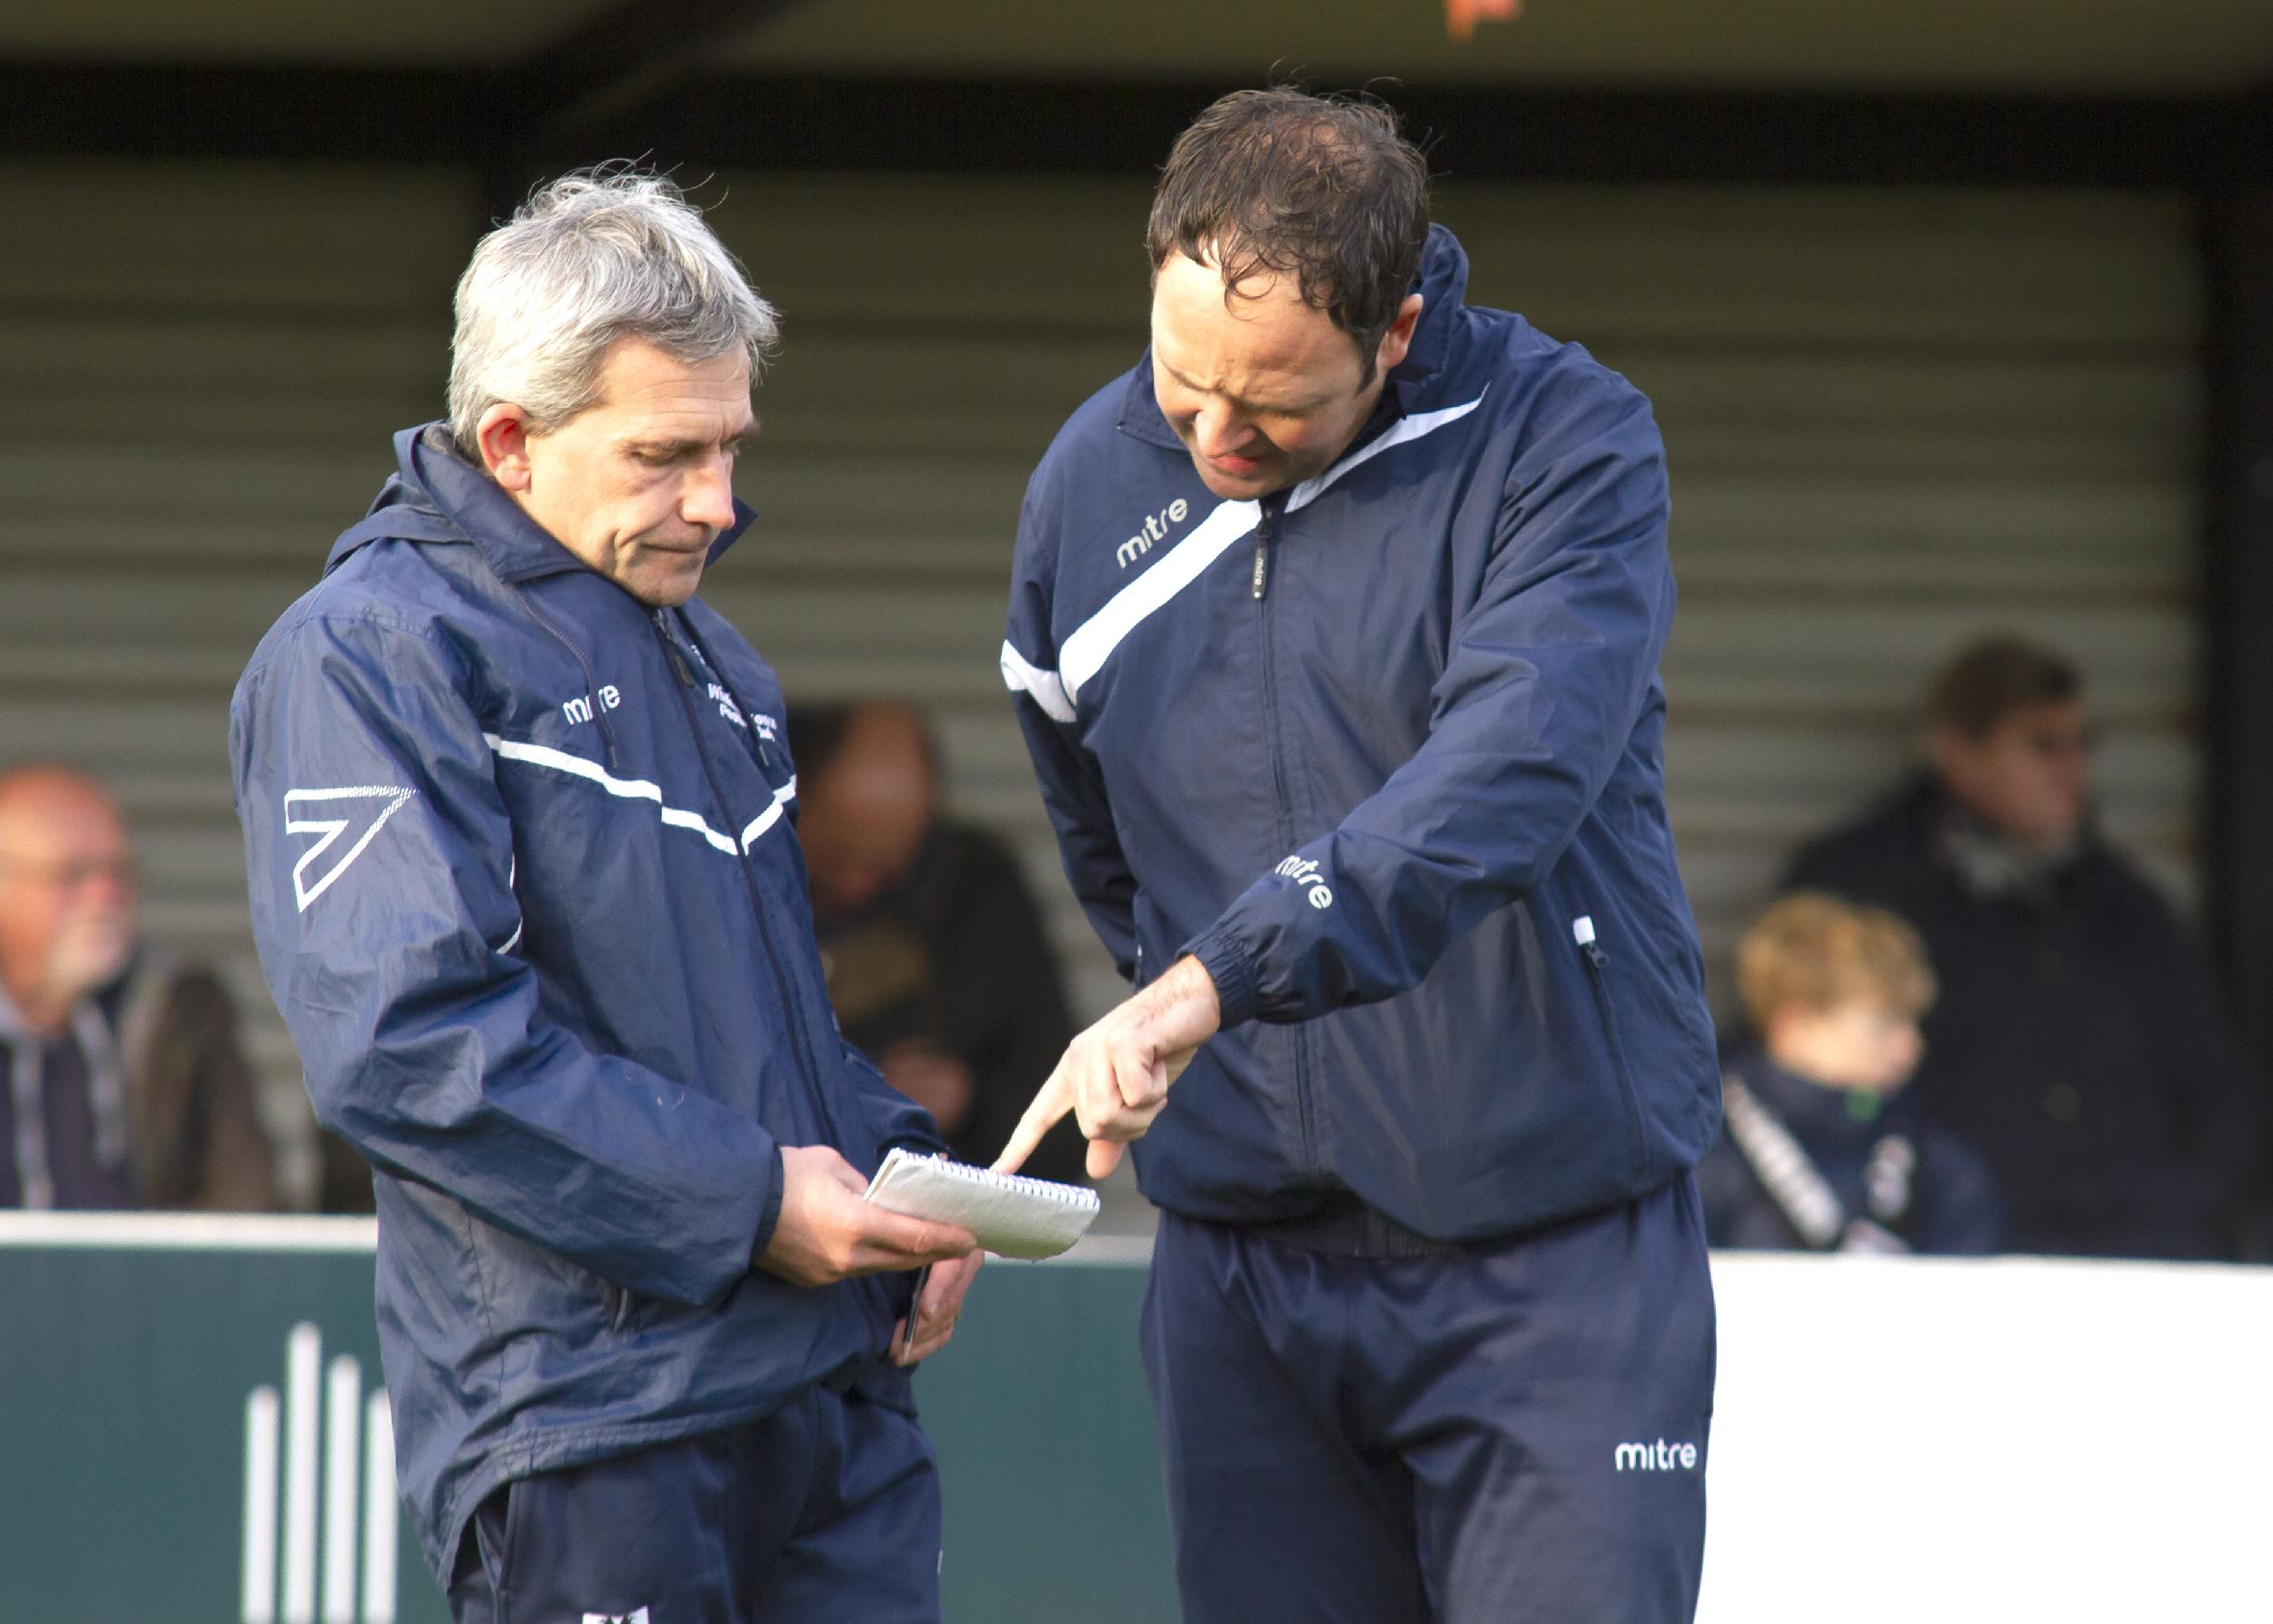 Wimborne Town的胜利对受伤的老板Matty来说是完美的补品